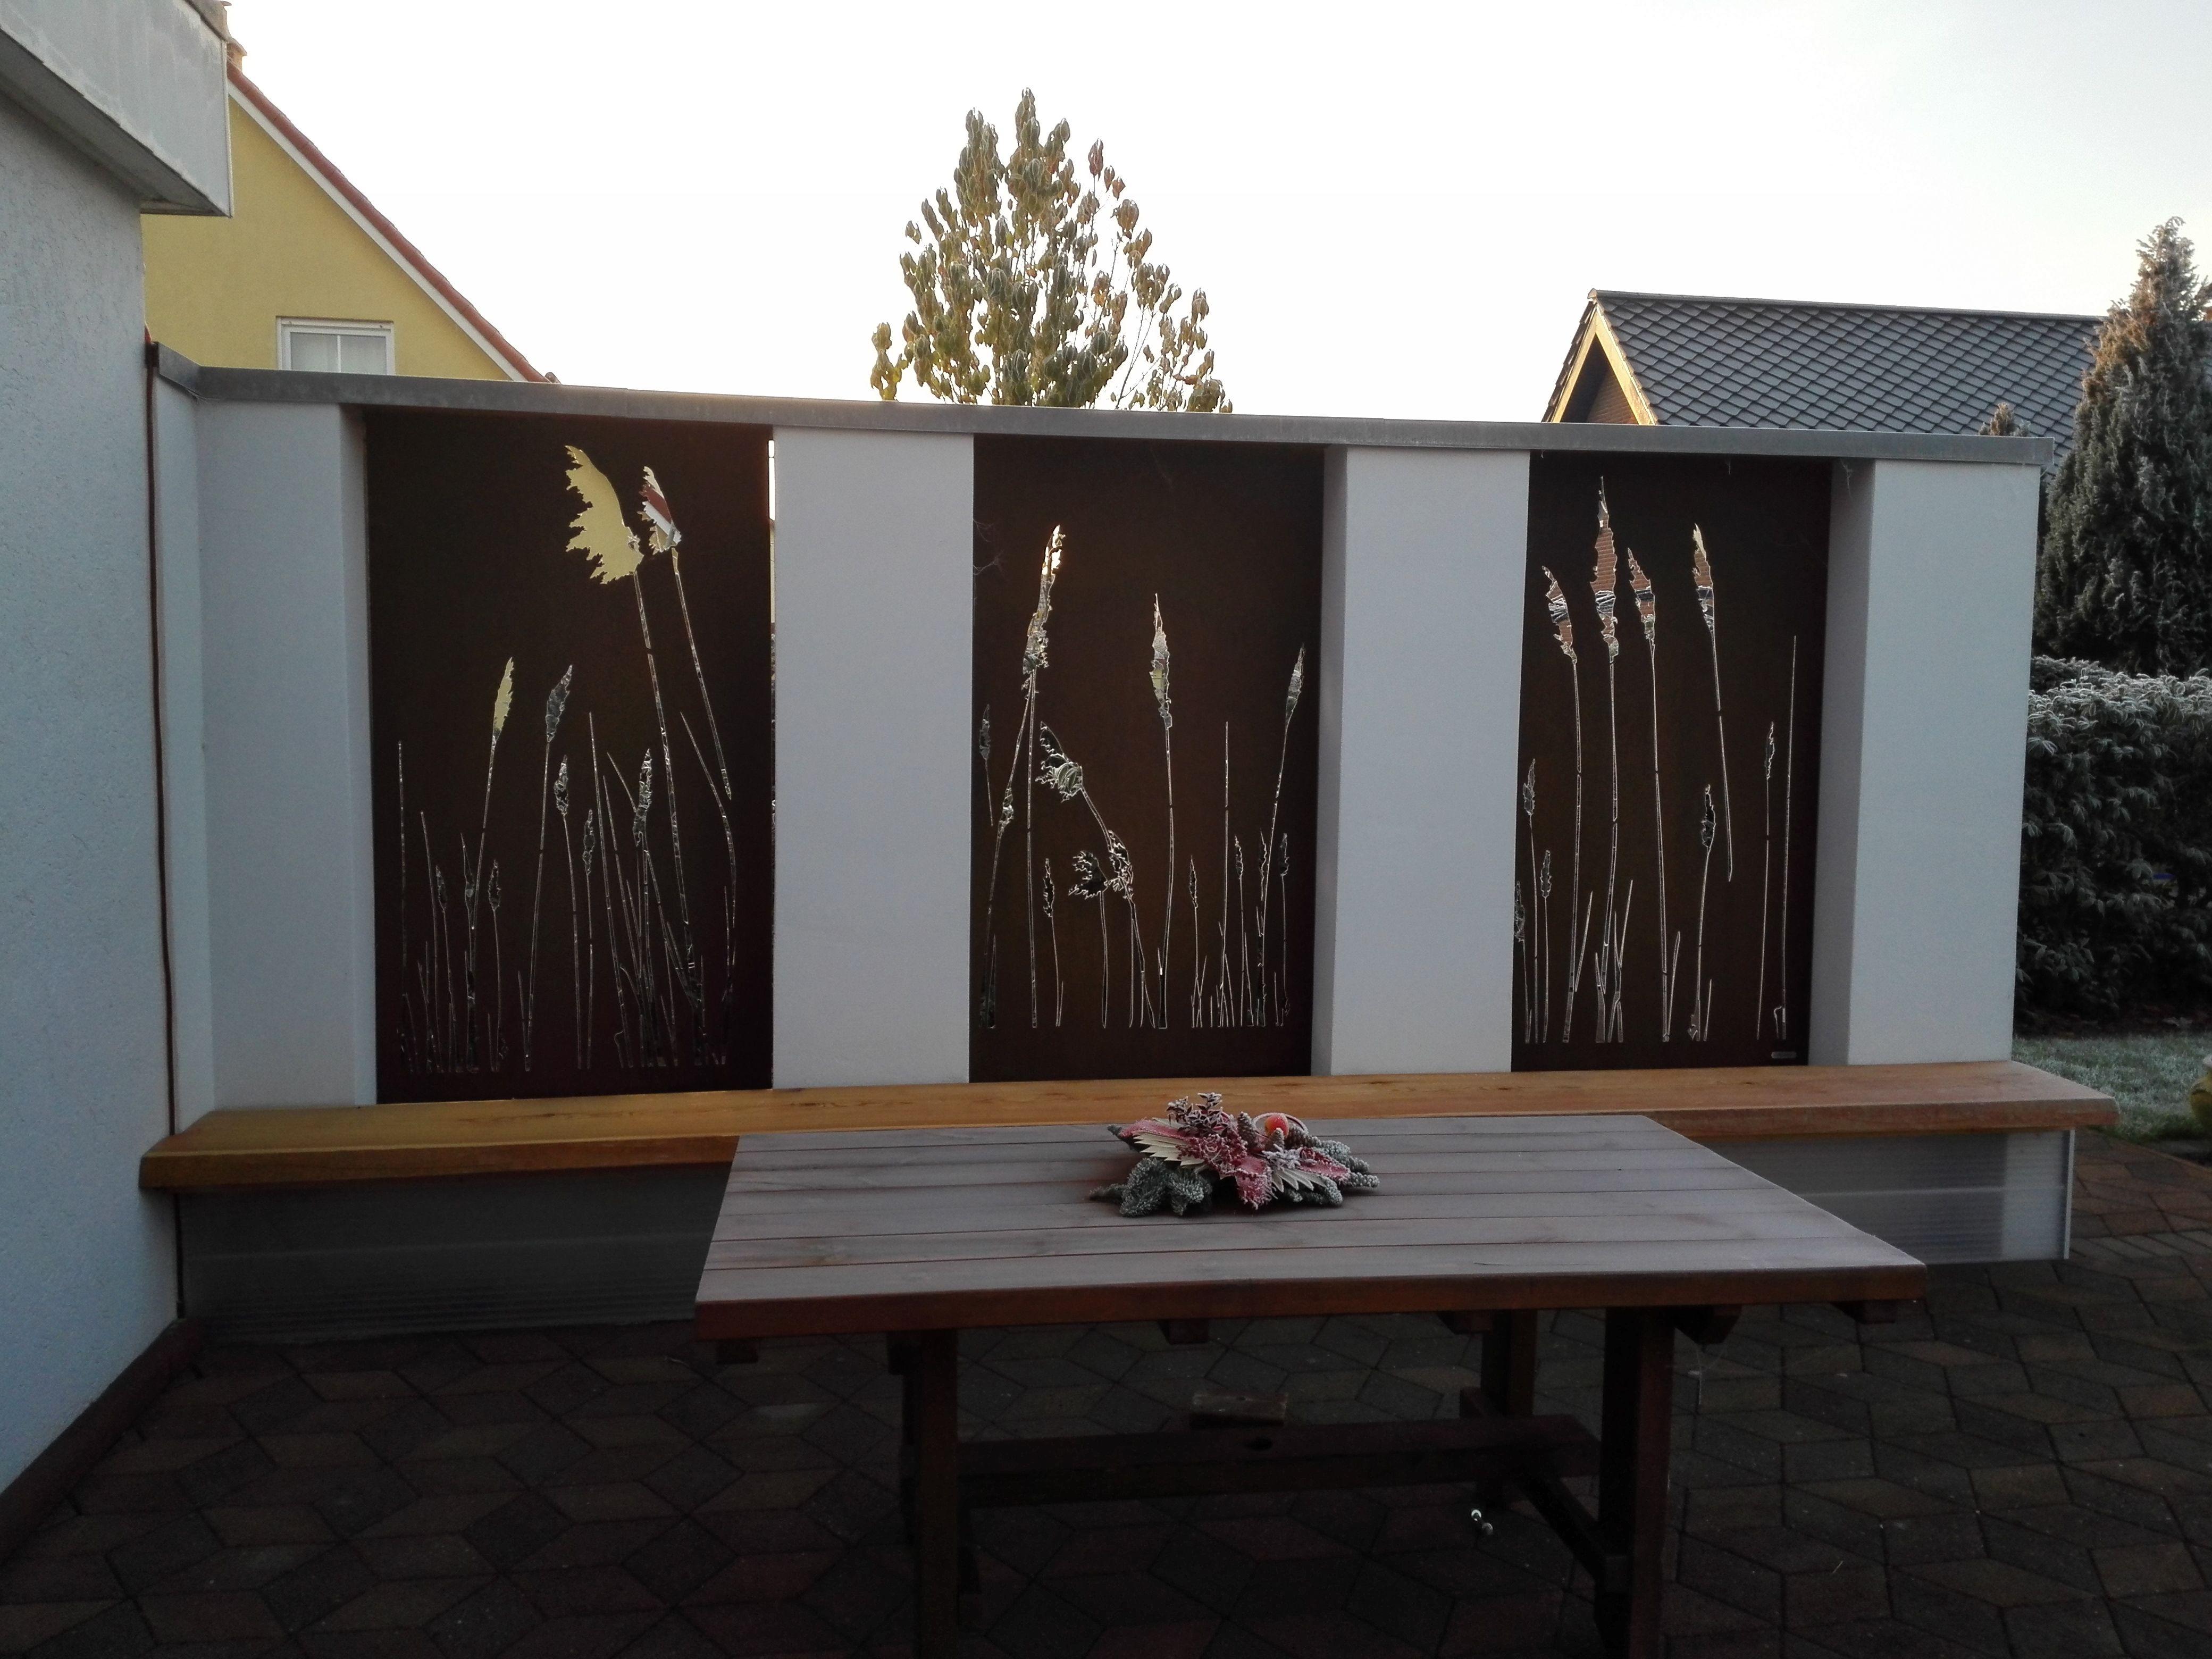 Cortenstahl als Sichtschutz im Garten Sichtschutz garten